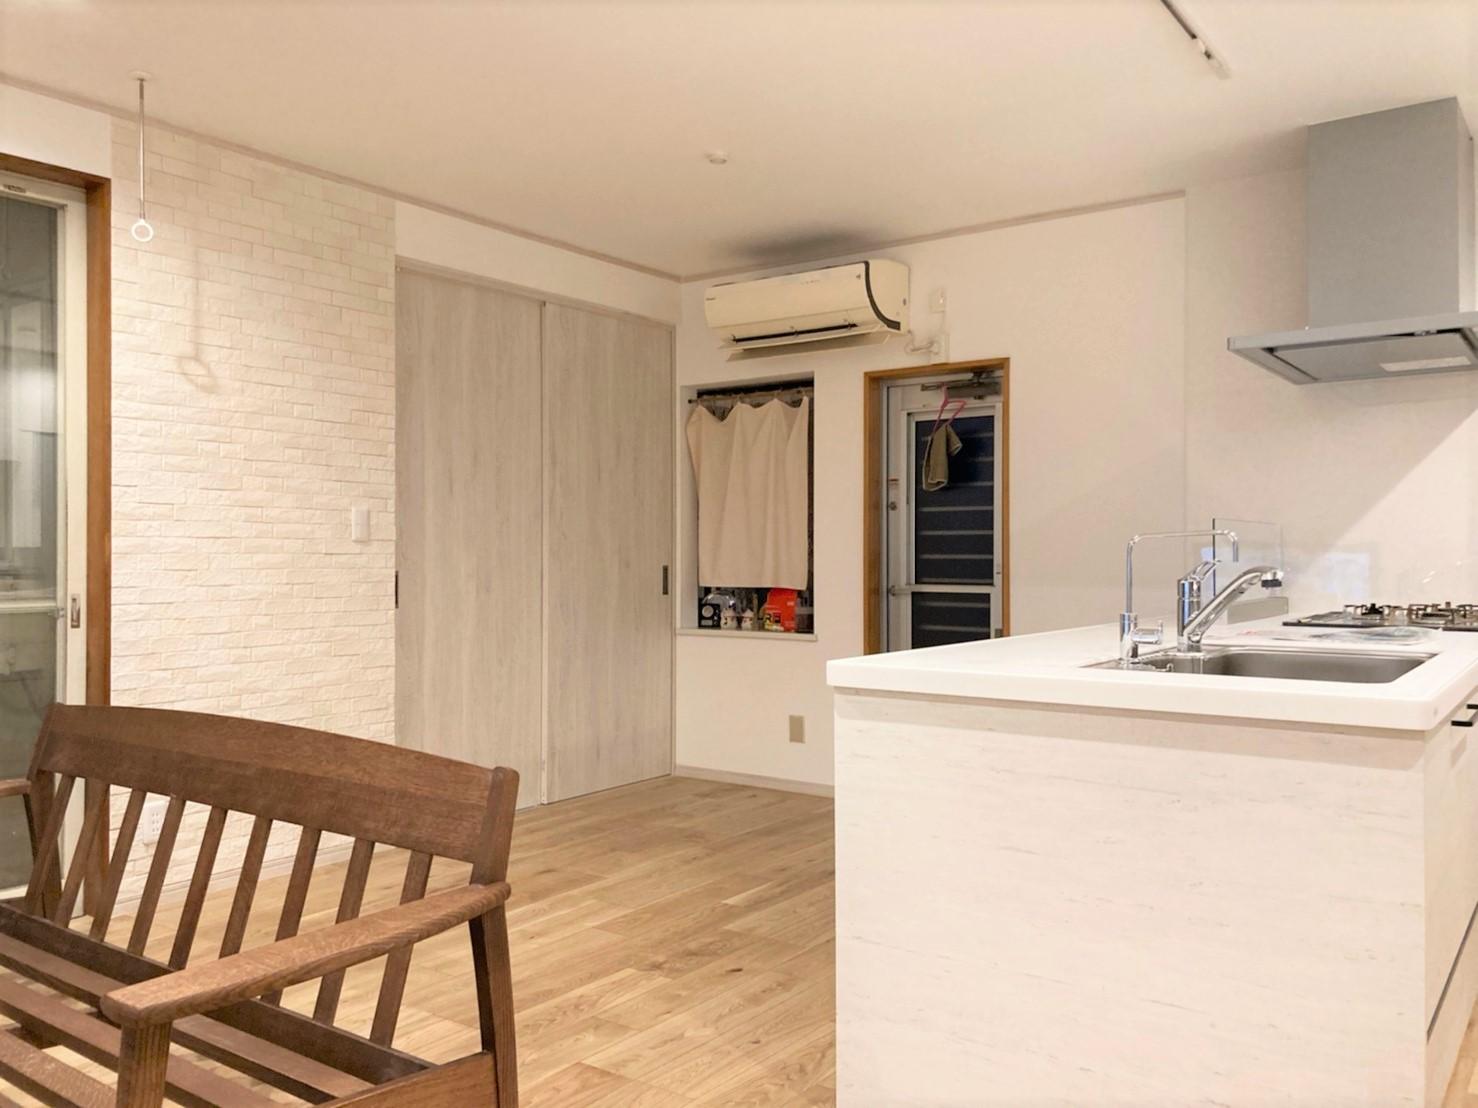 千葉県松戸市T様邸 キッチンと内装のリフォーム